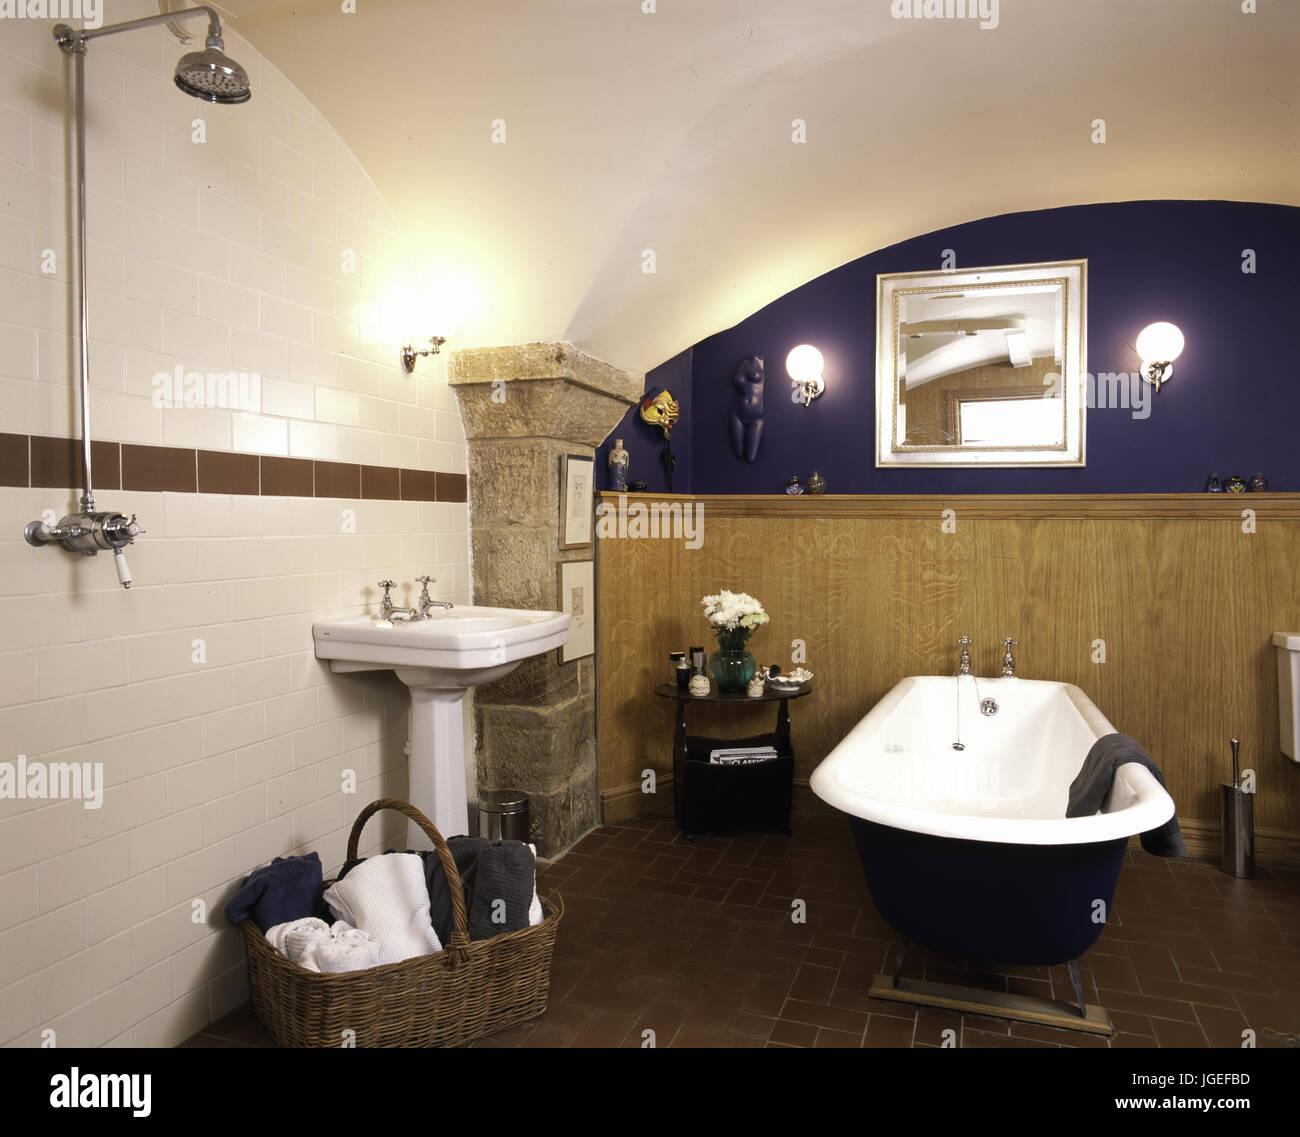 Freistehende Badewanne Und Separaten In Kleinen Badezimmer In Renovierten  Kohle Loch Dusche